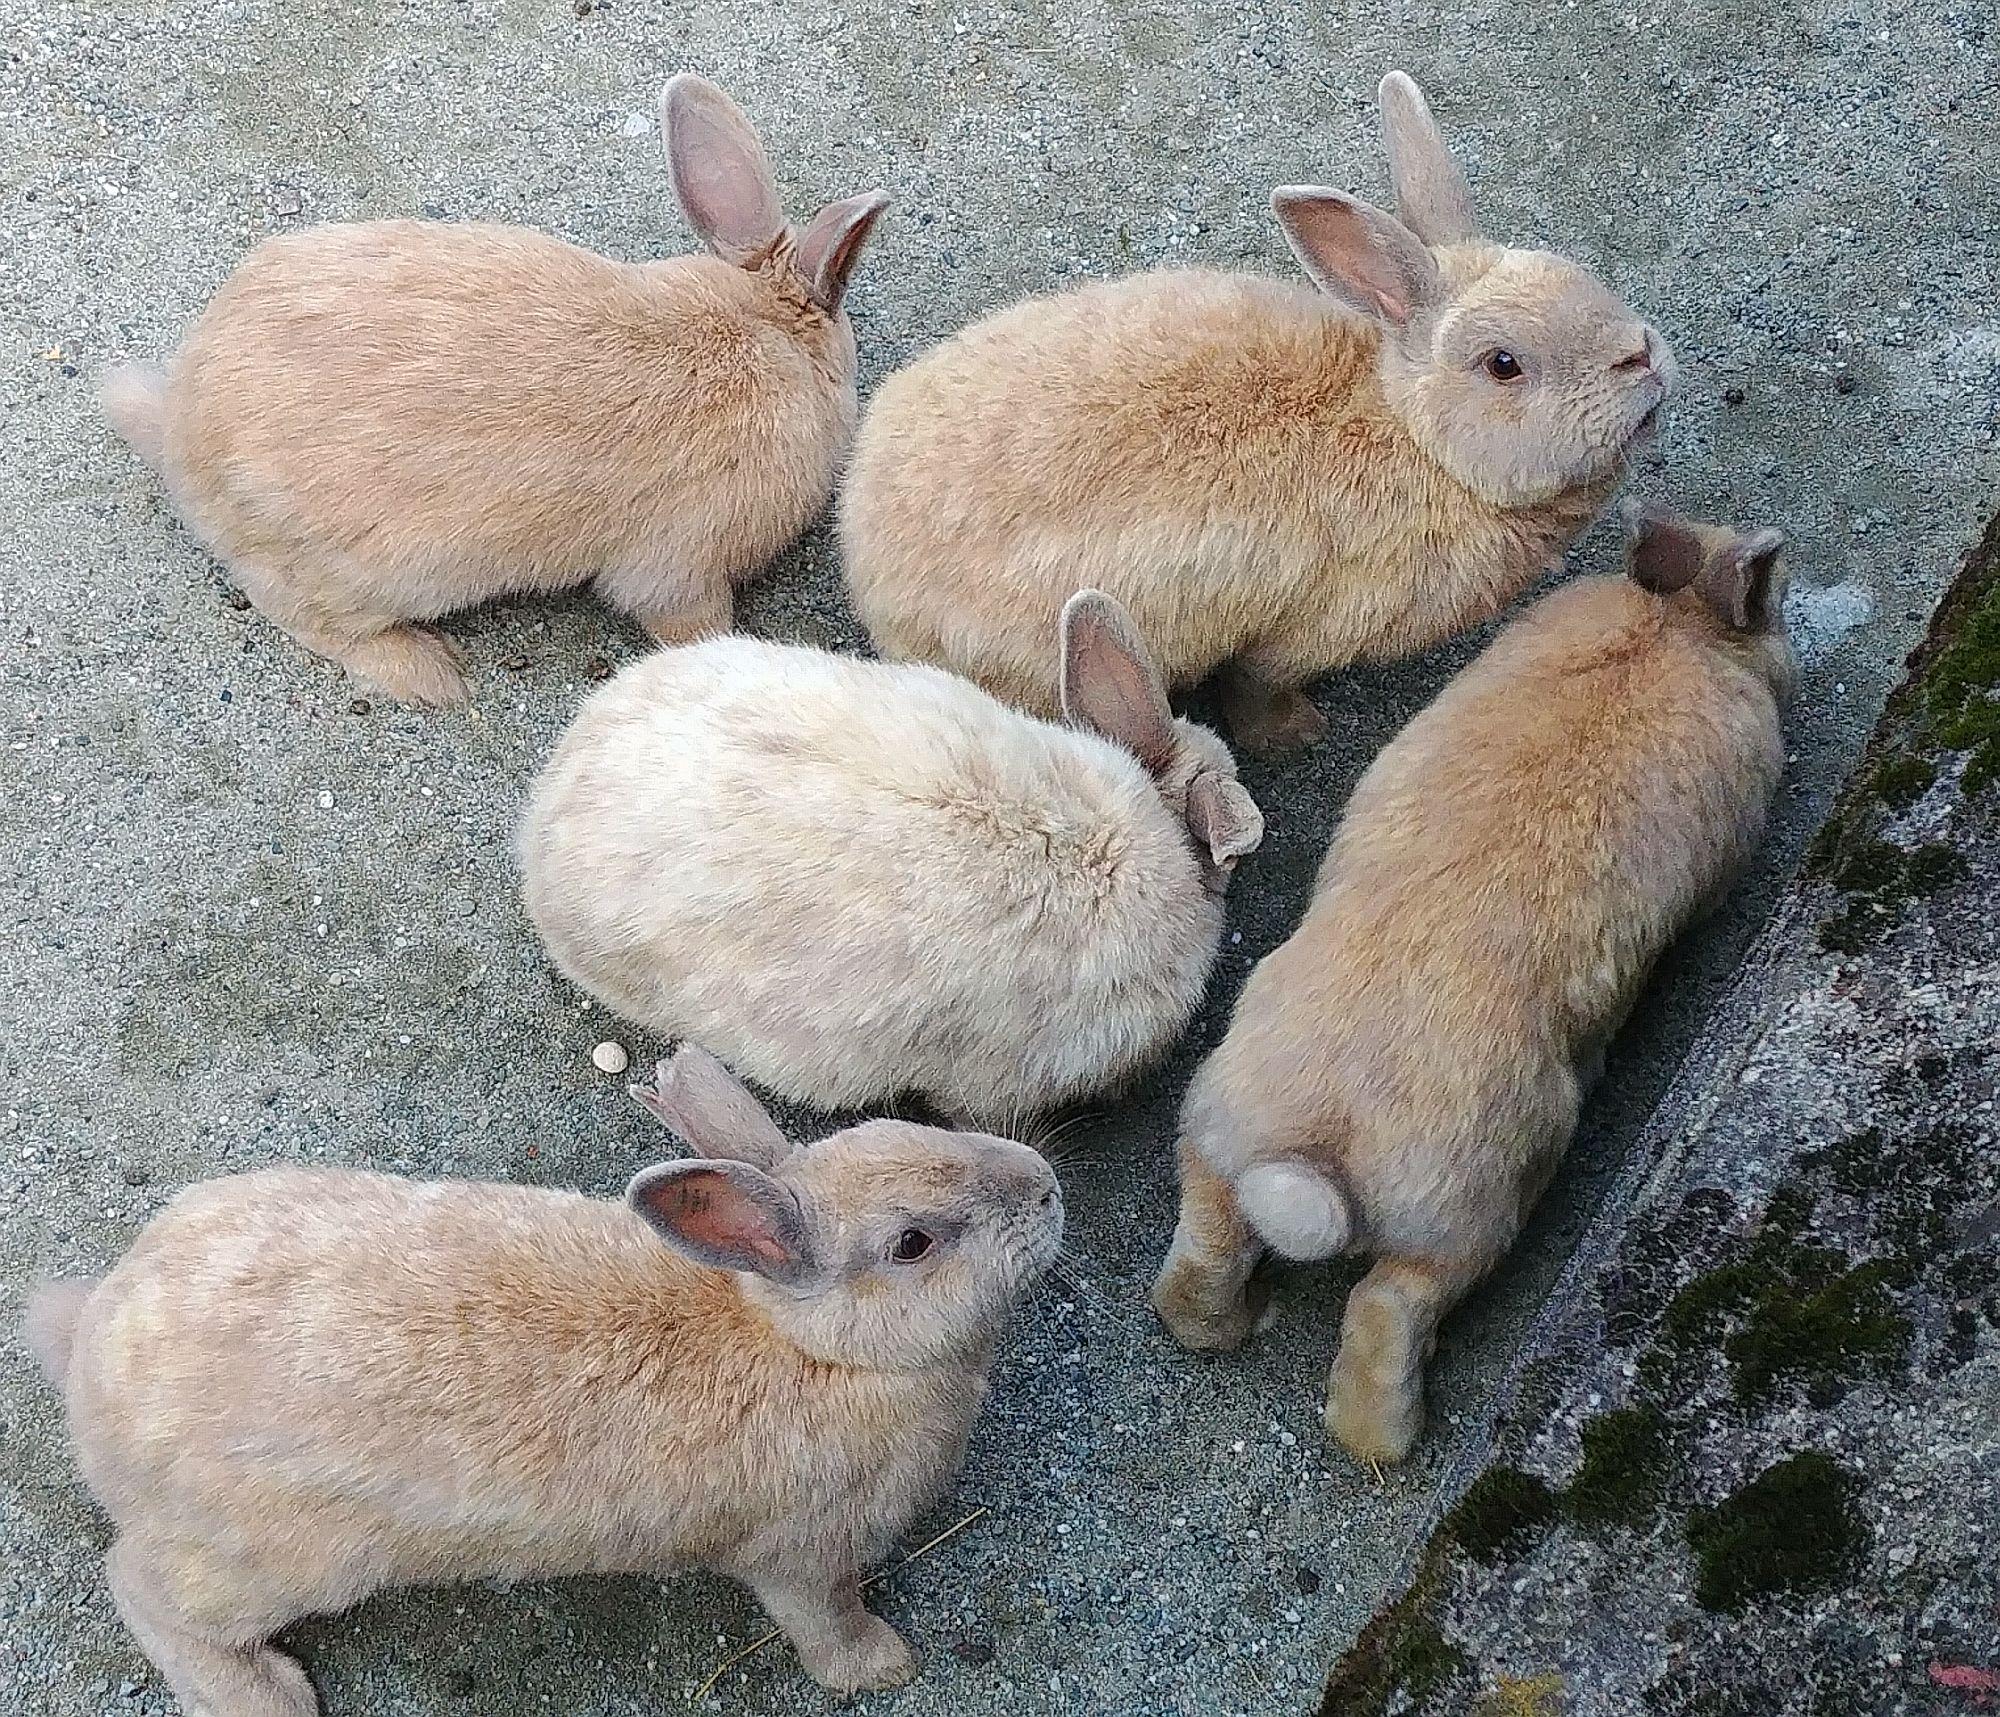 króliki raz jeszcze w ZOO Ostrava